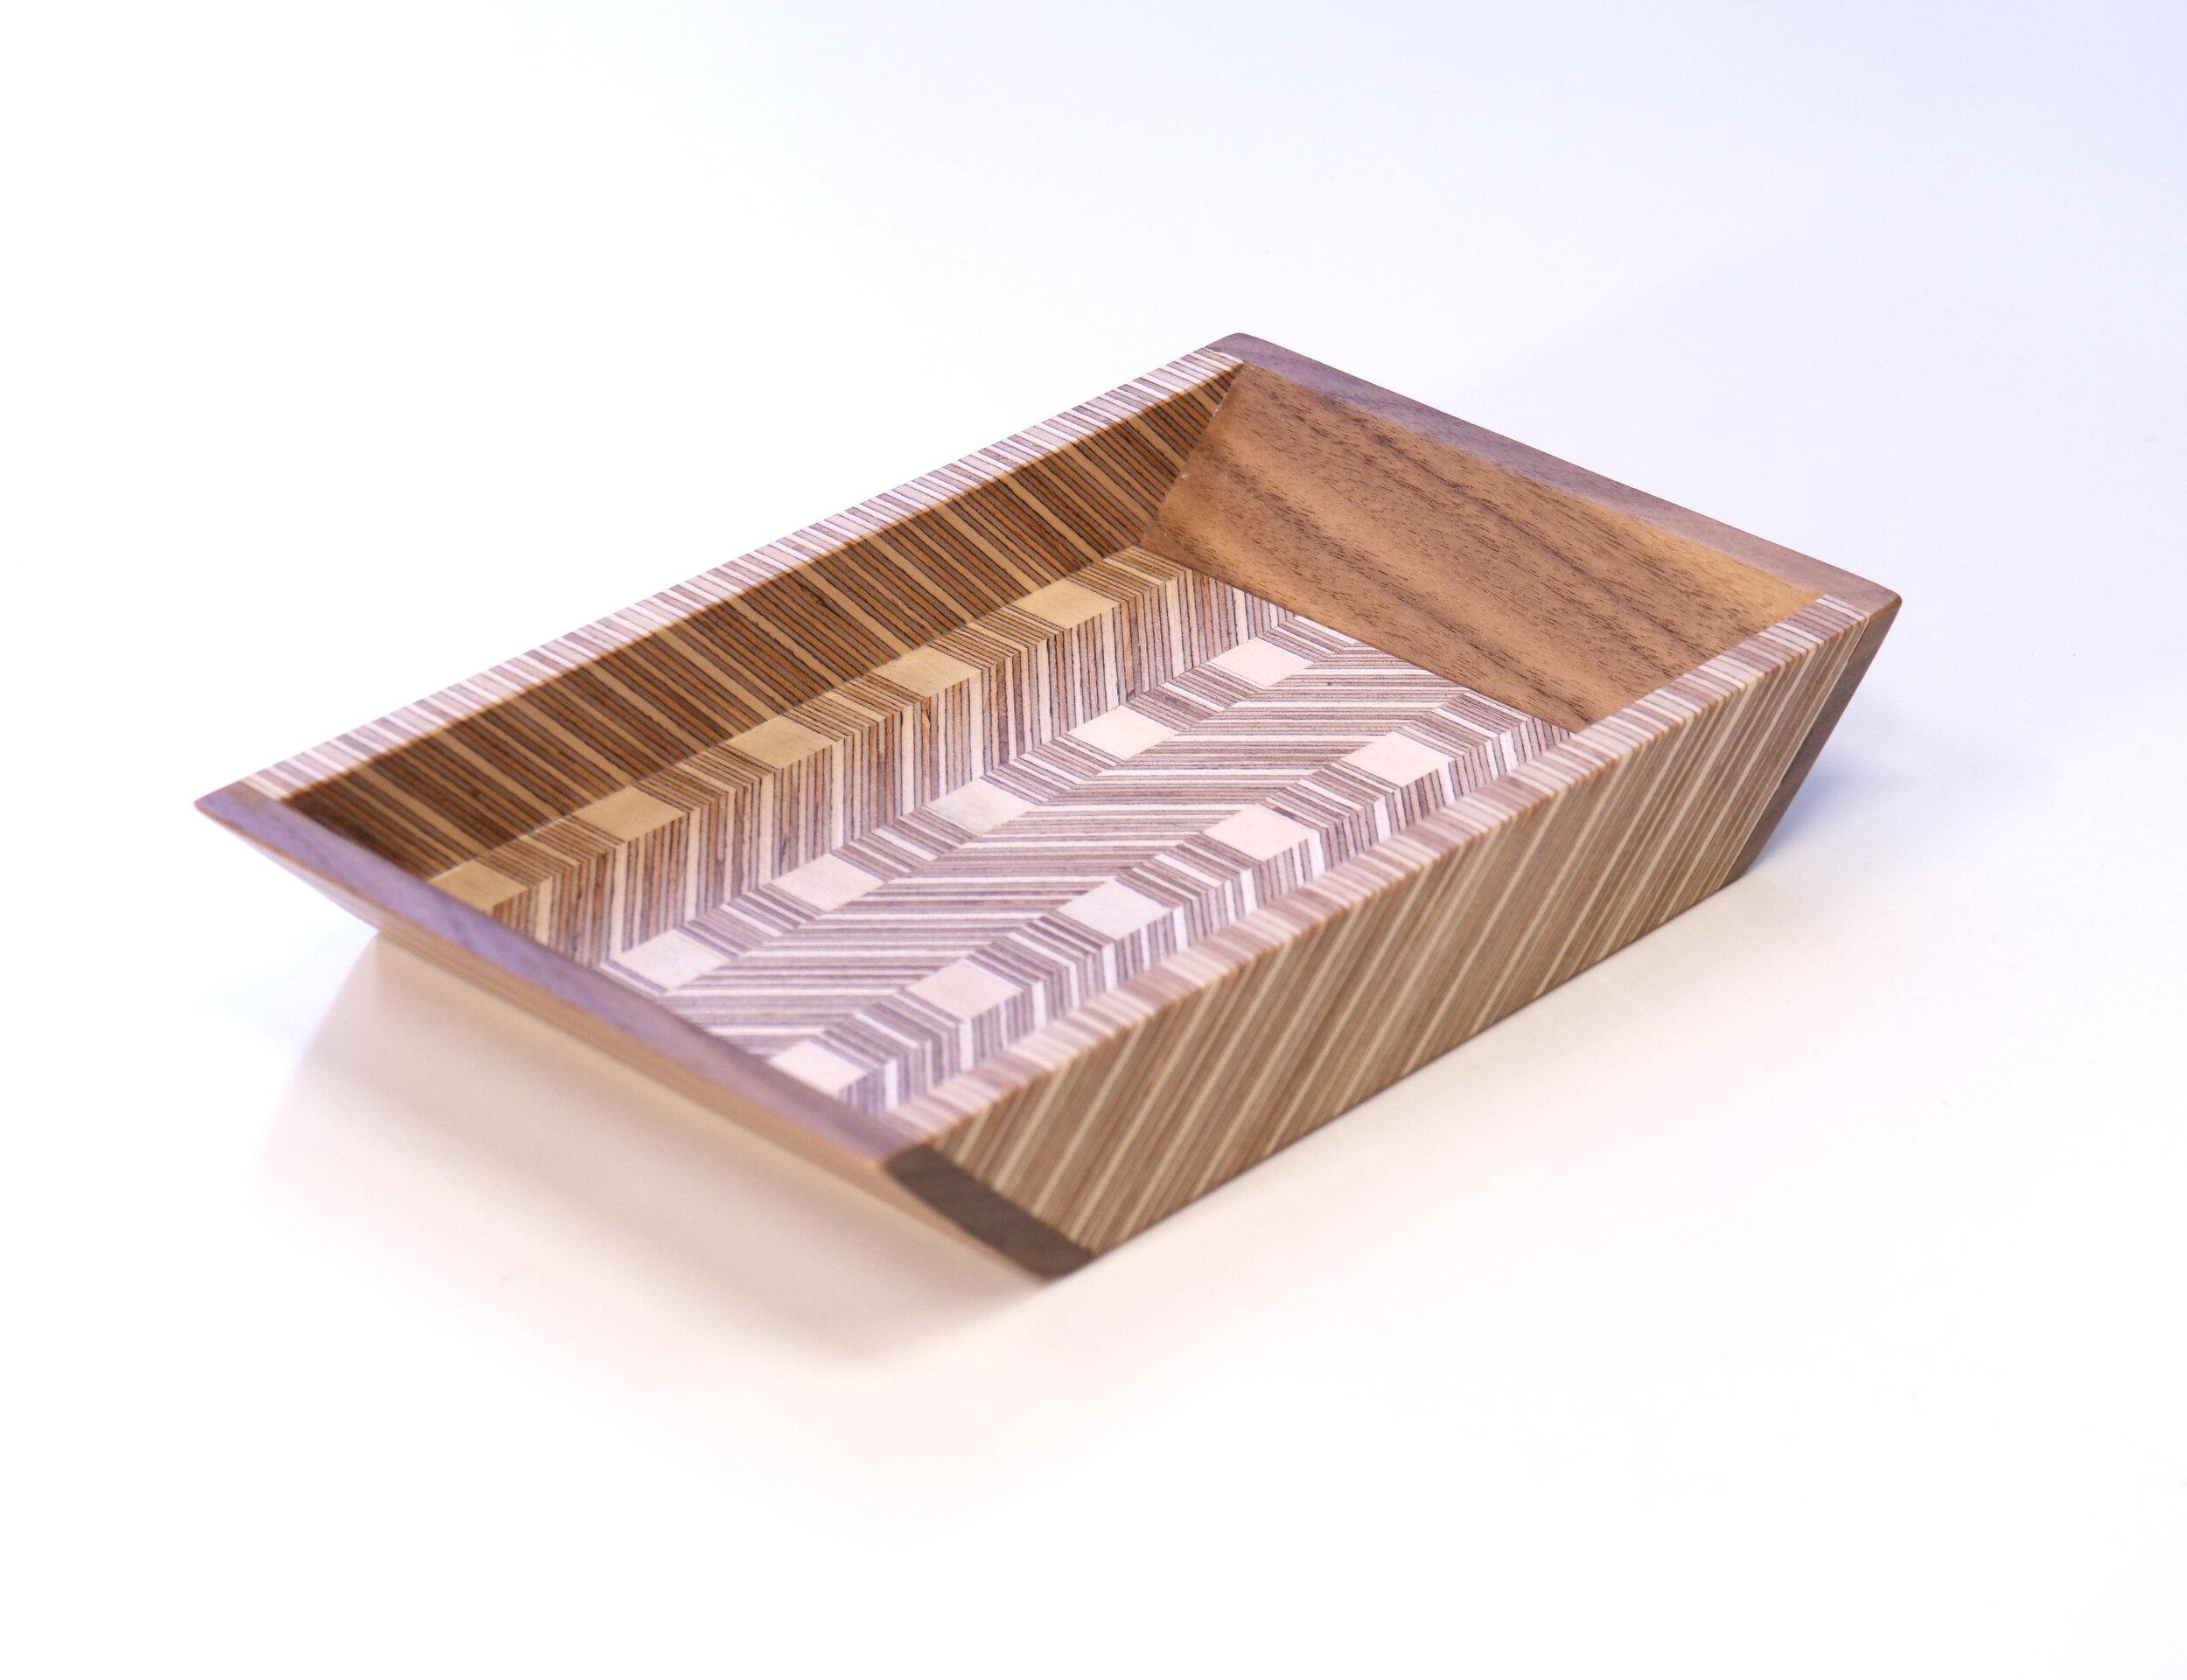 Circuit Board 2 - https://www.ebay.com/itm/333336245294